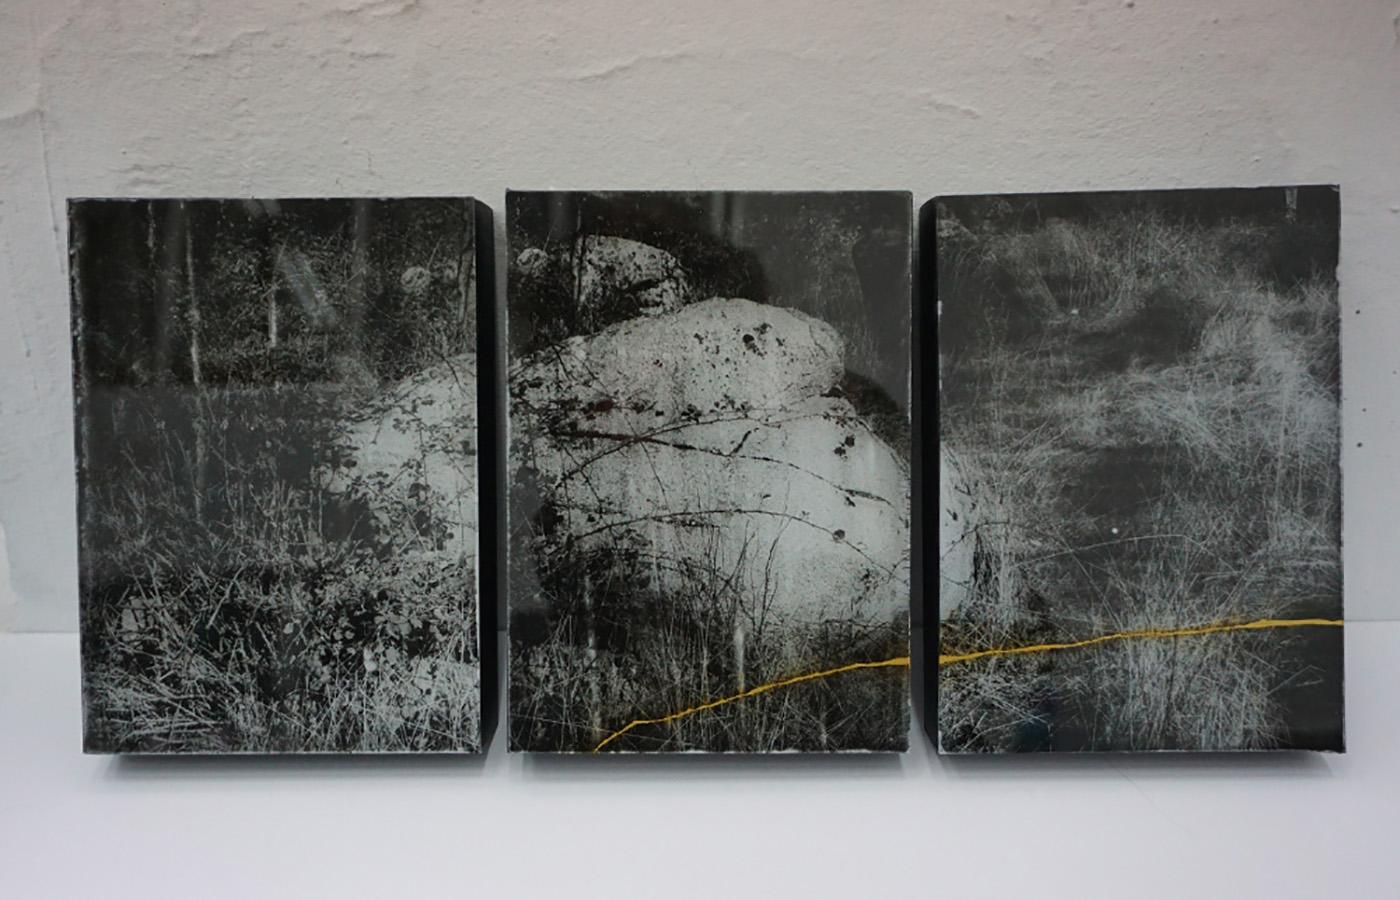 Anaïs Boudot, sans titre (triptyque), série La noche oscura, 2017, courtesy Galerie Binome tirage unique dans une édition de 3 (+2EA) – 30×21 cm tirage argentique sur plaque de verre, peinture dorée, châssis bois projet de résidence Casa de Velazquez 2017